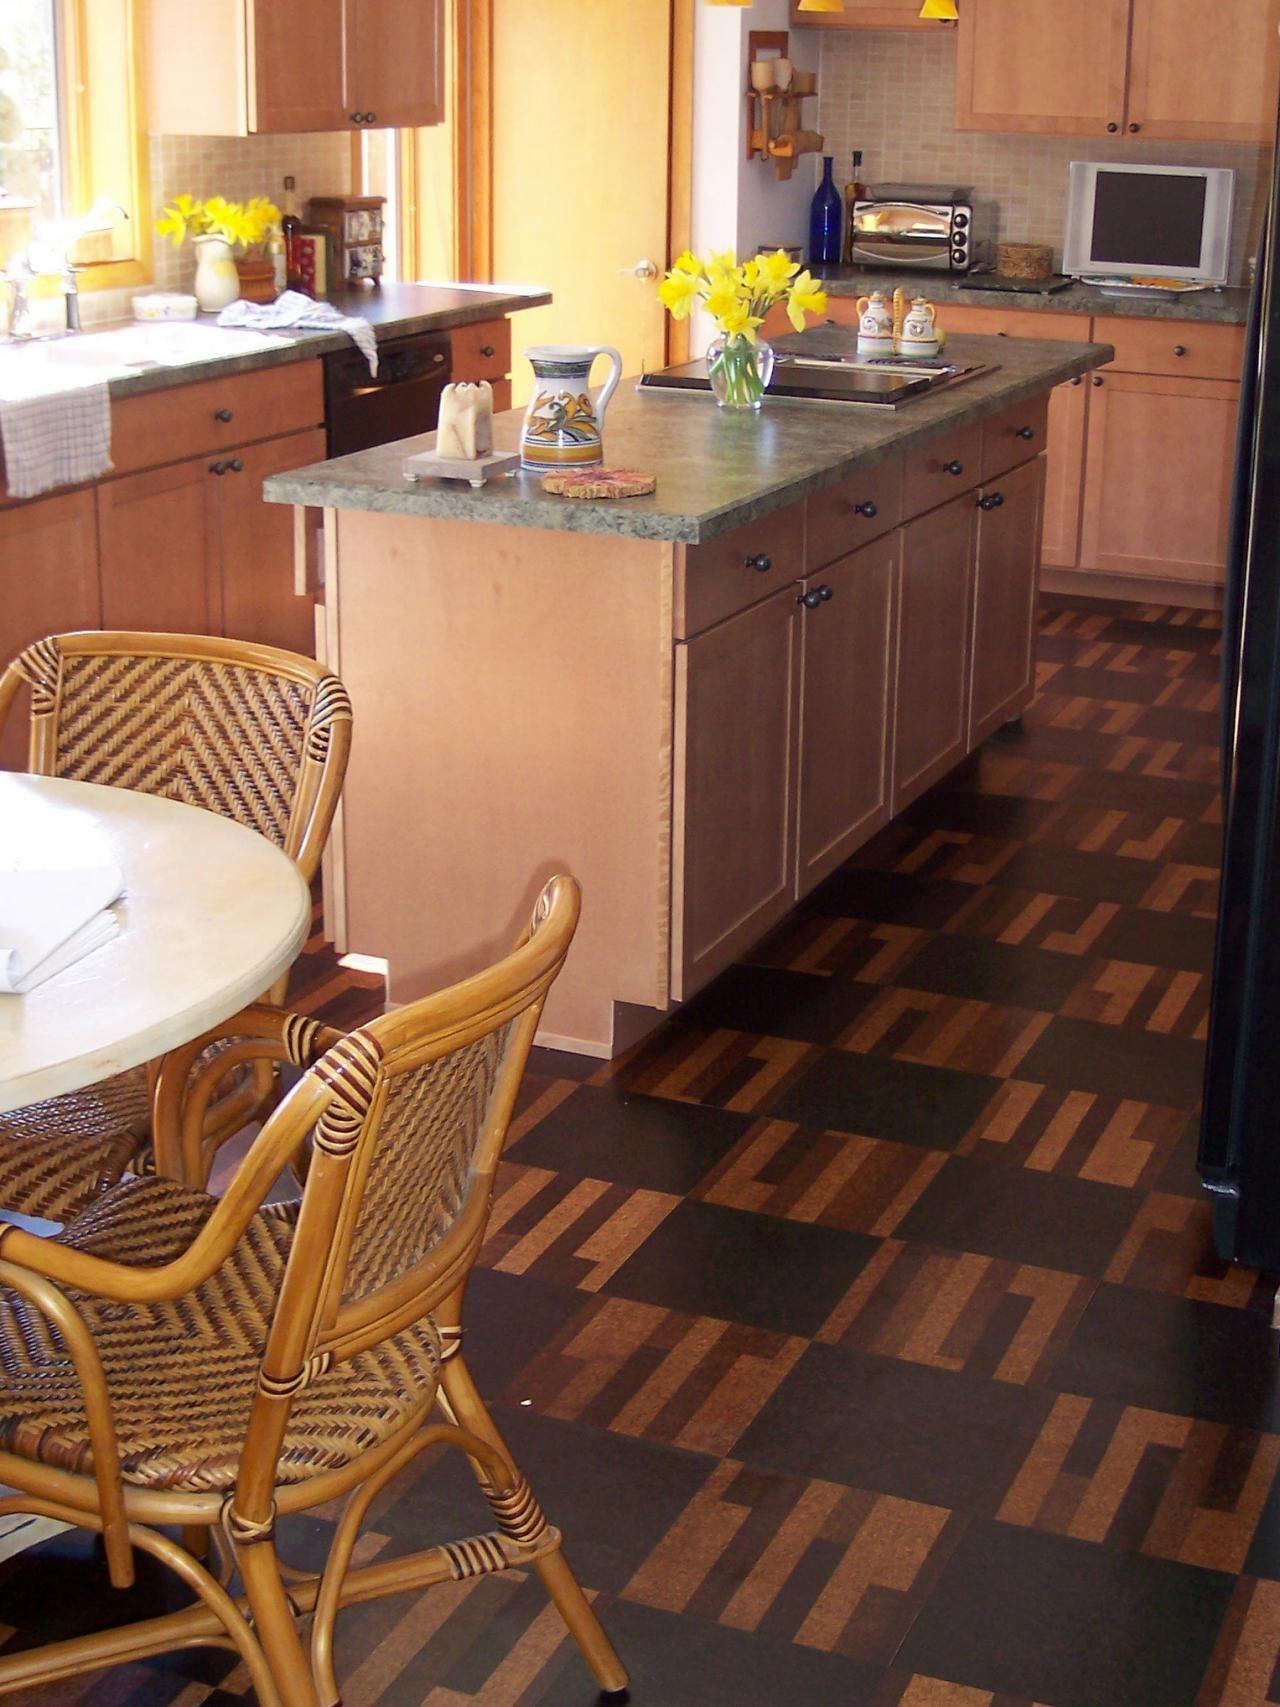 Cork Flooring for Your Kitchen Kitchen flooring, Kitchen